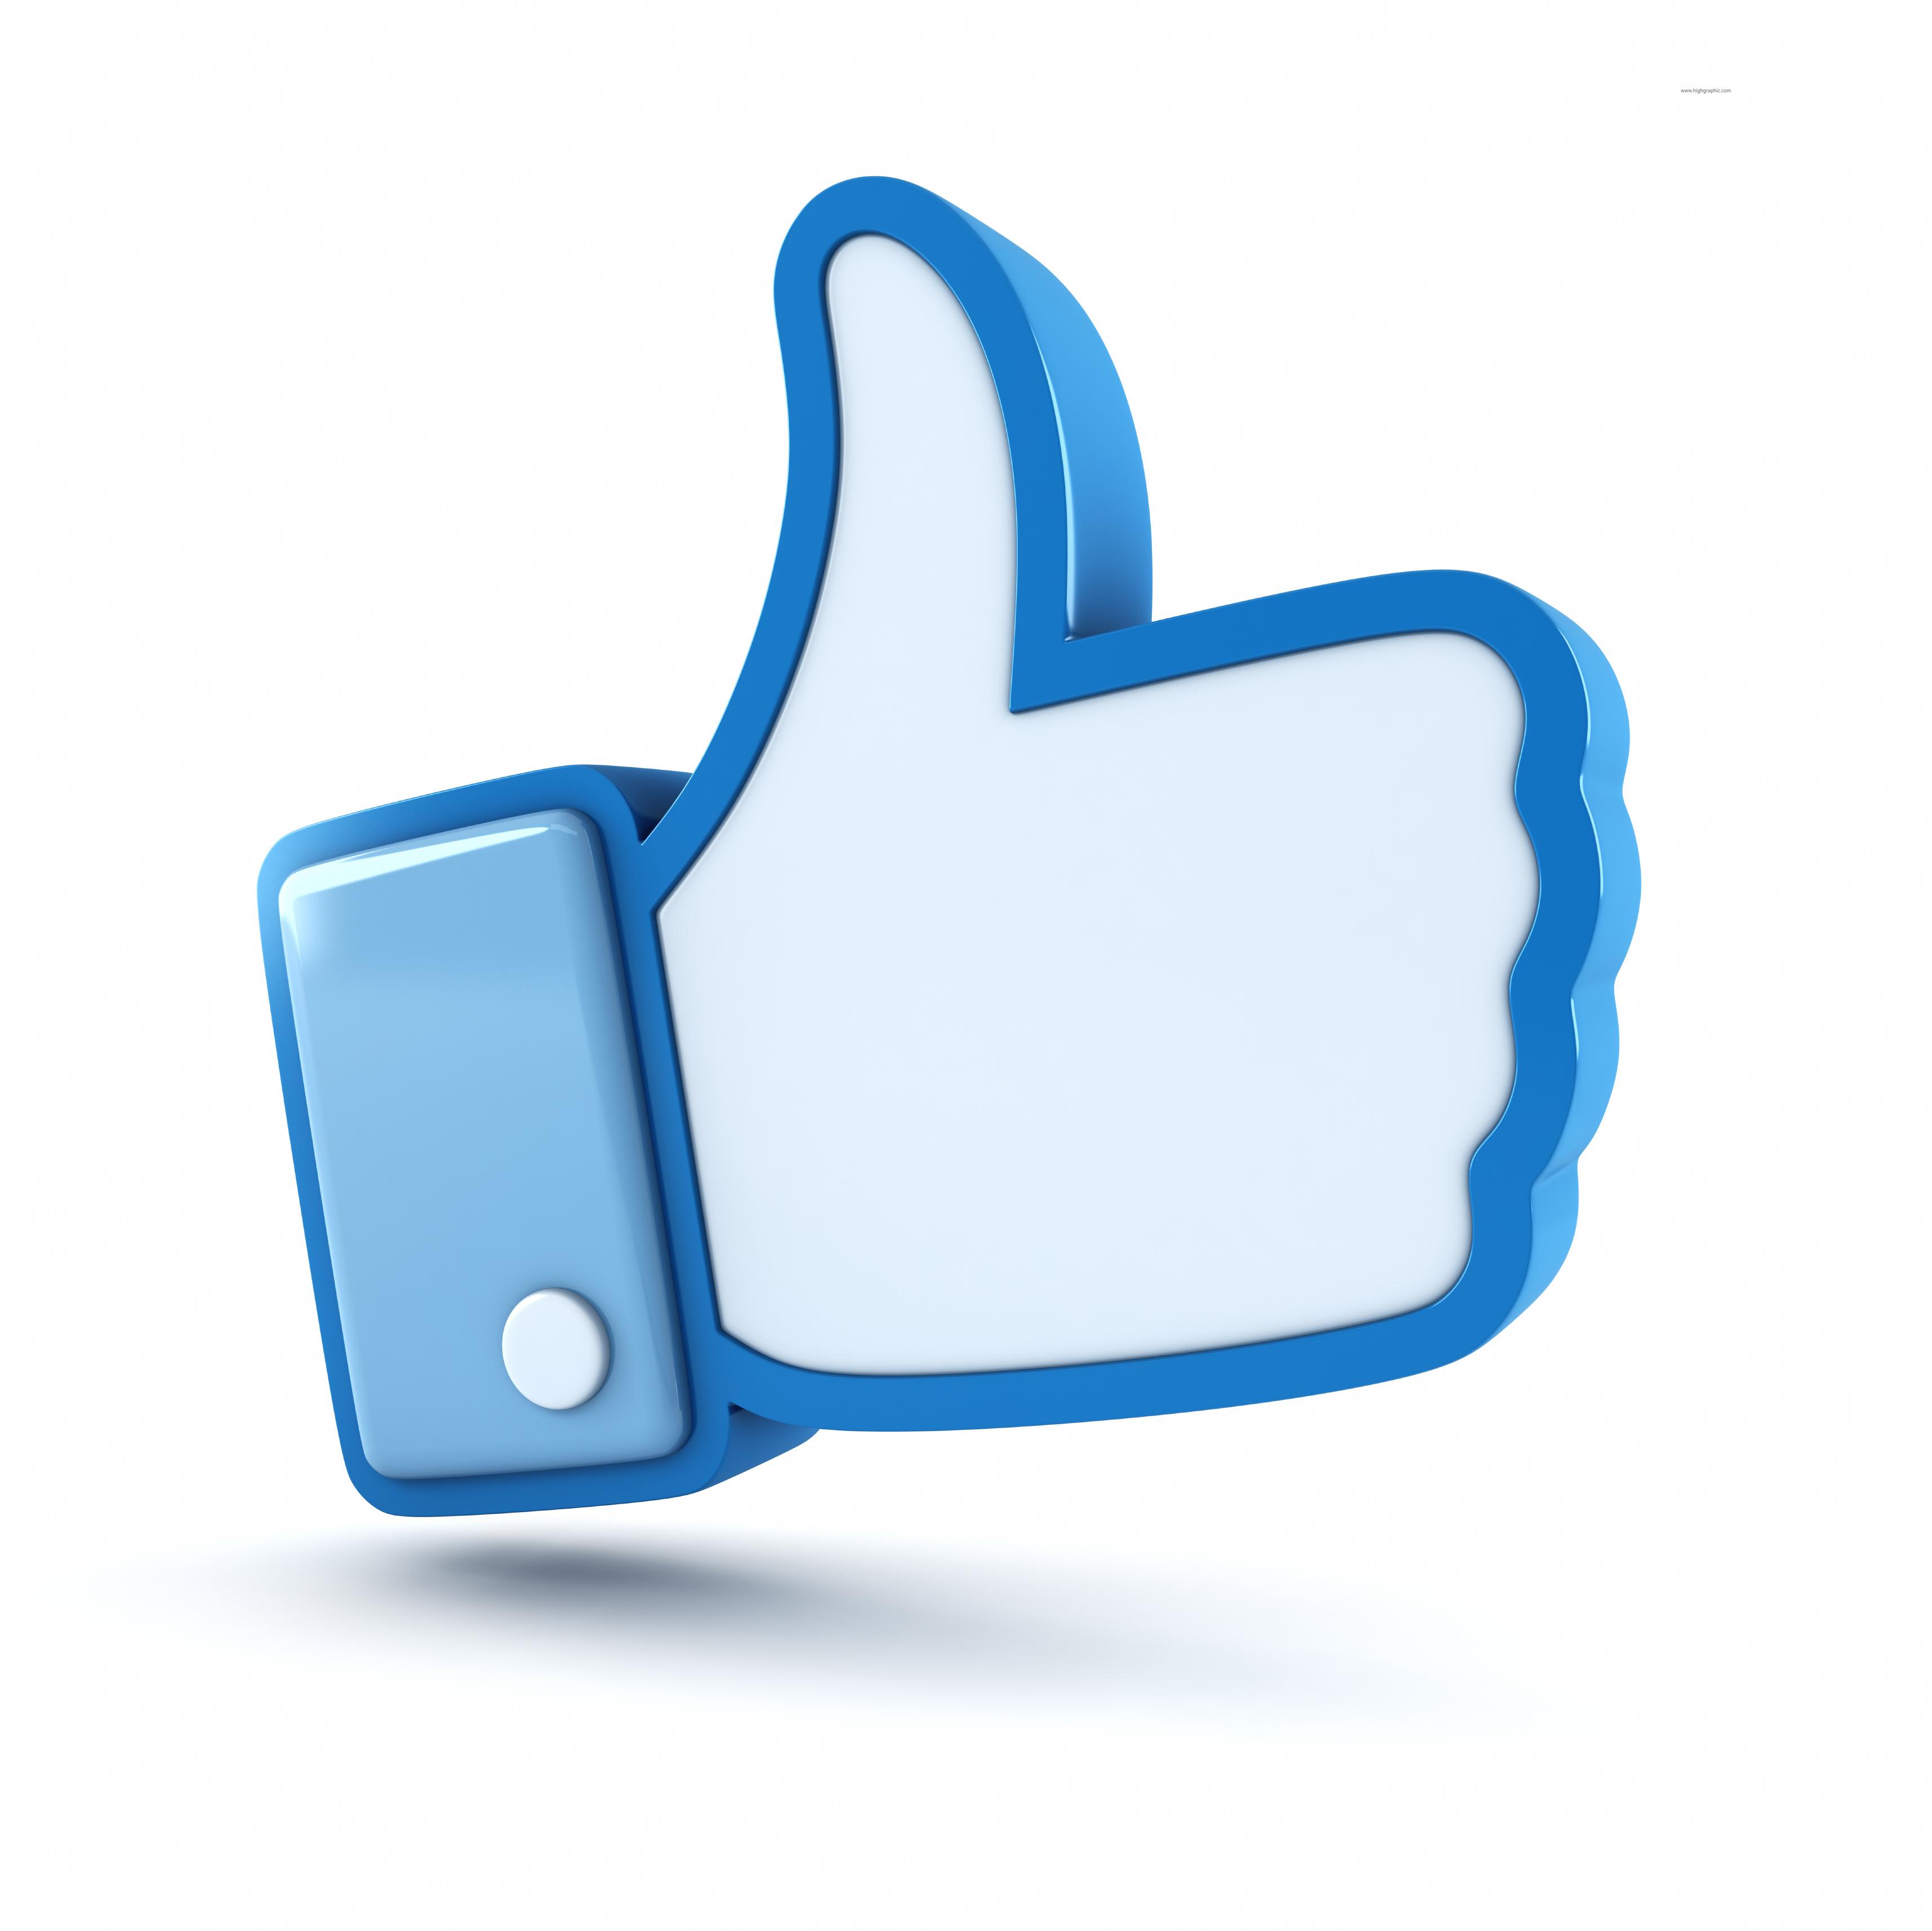 Cartoon facebook logo clipart